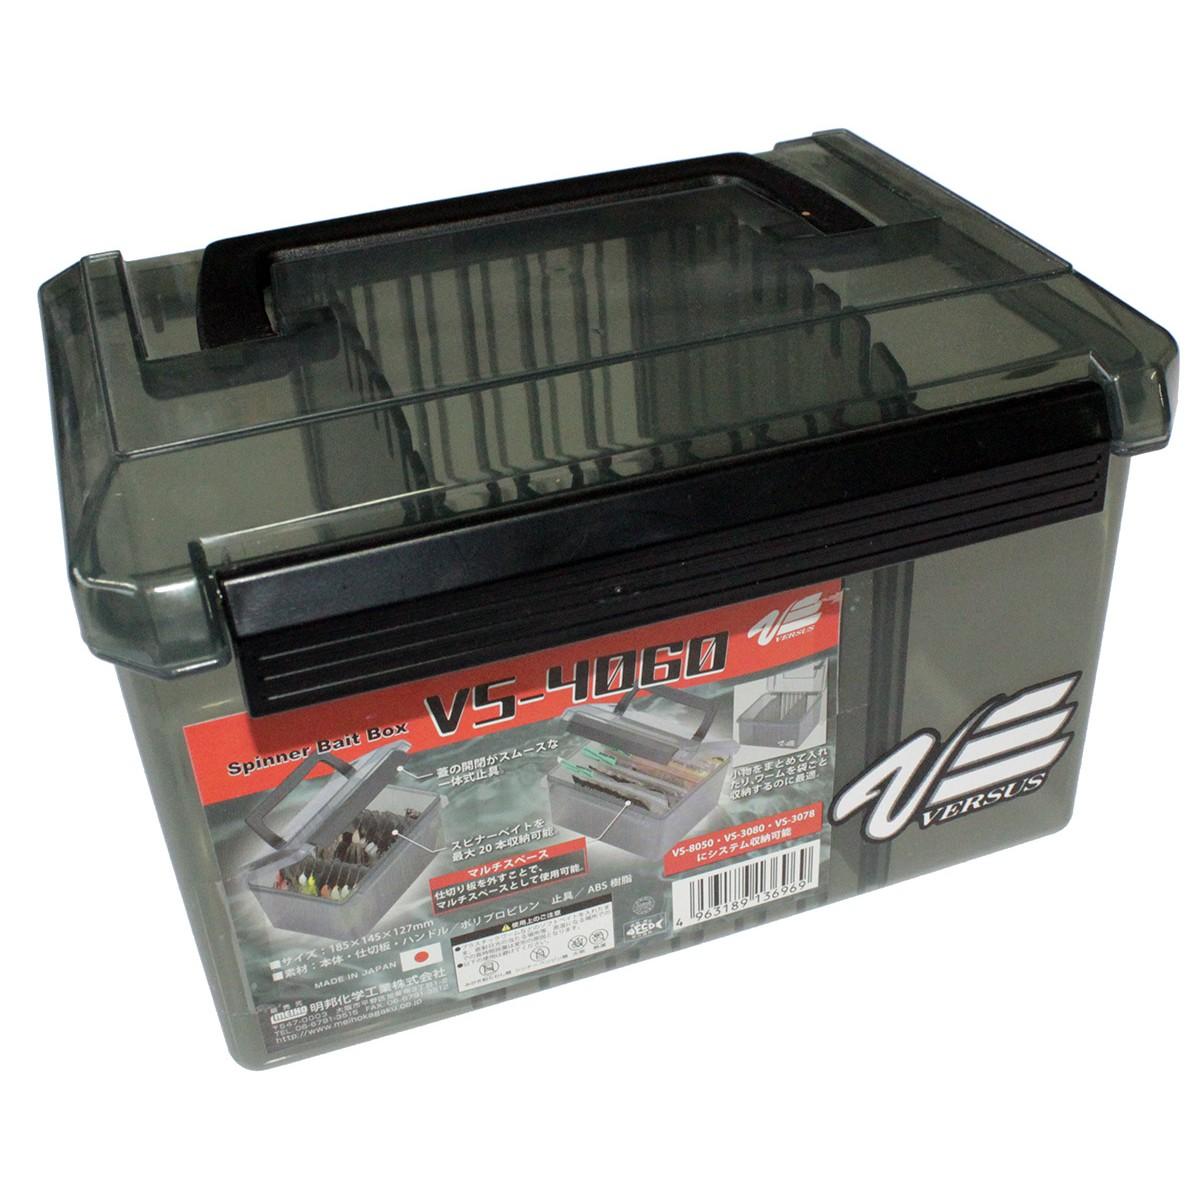 Кутия за воблери и блесни Versus VS-4060